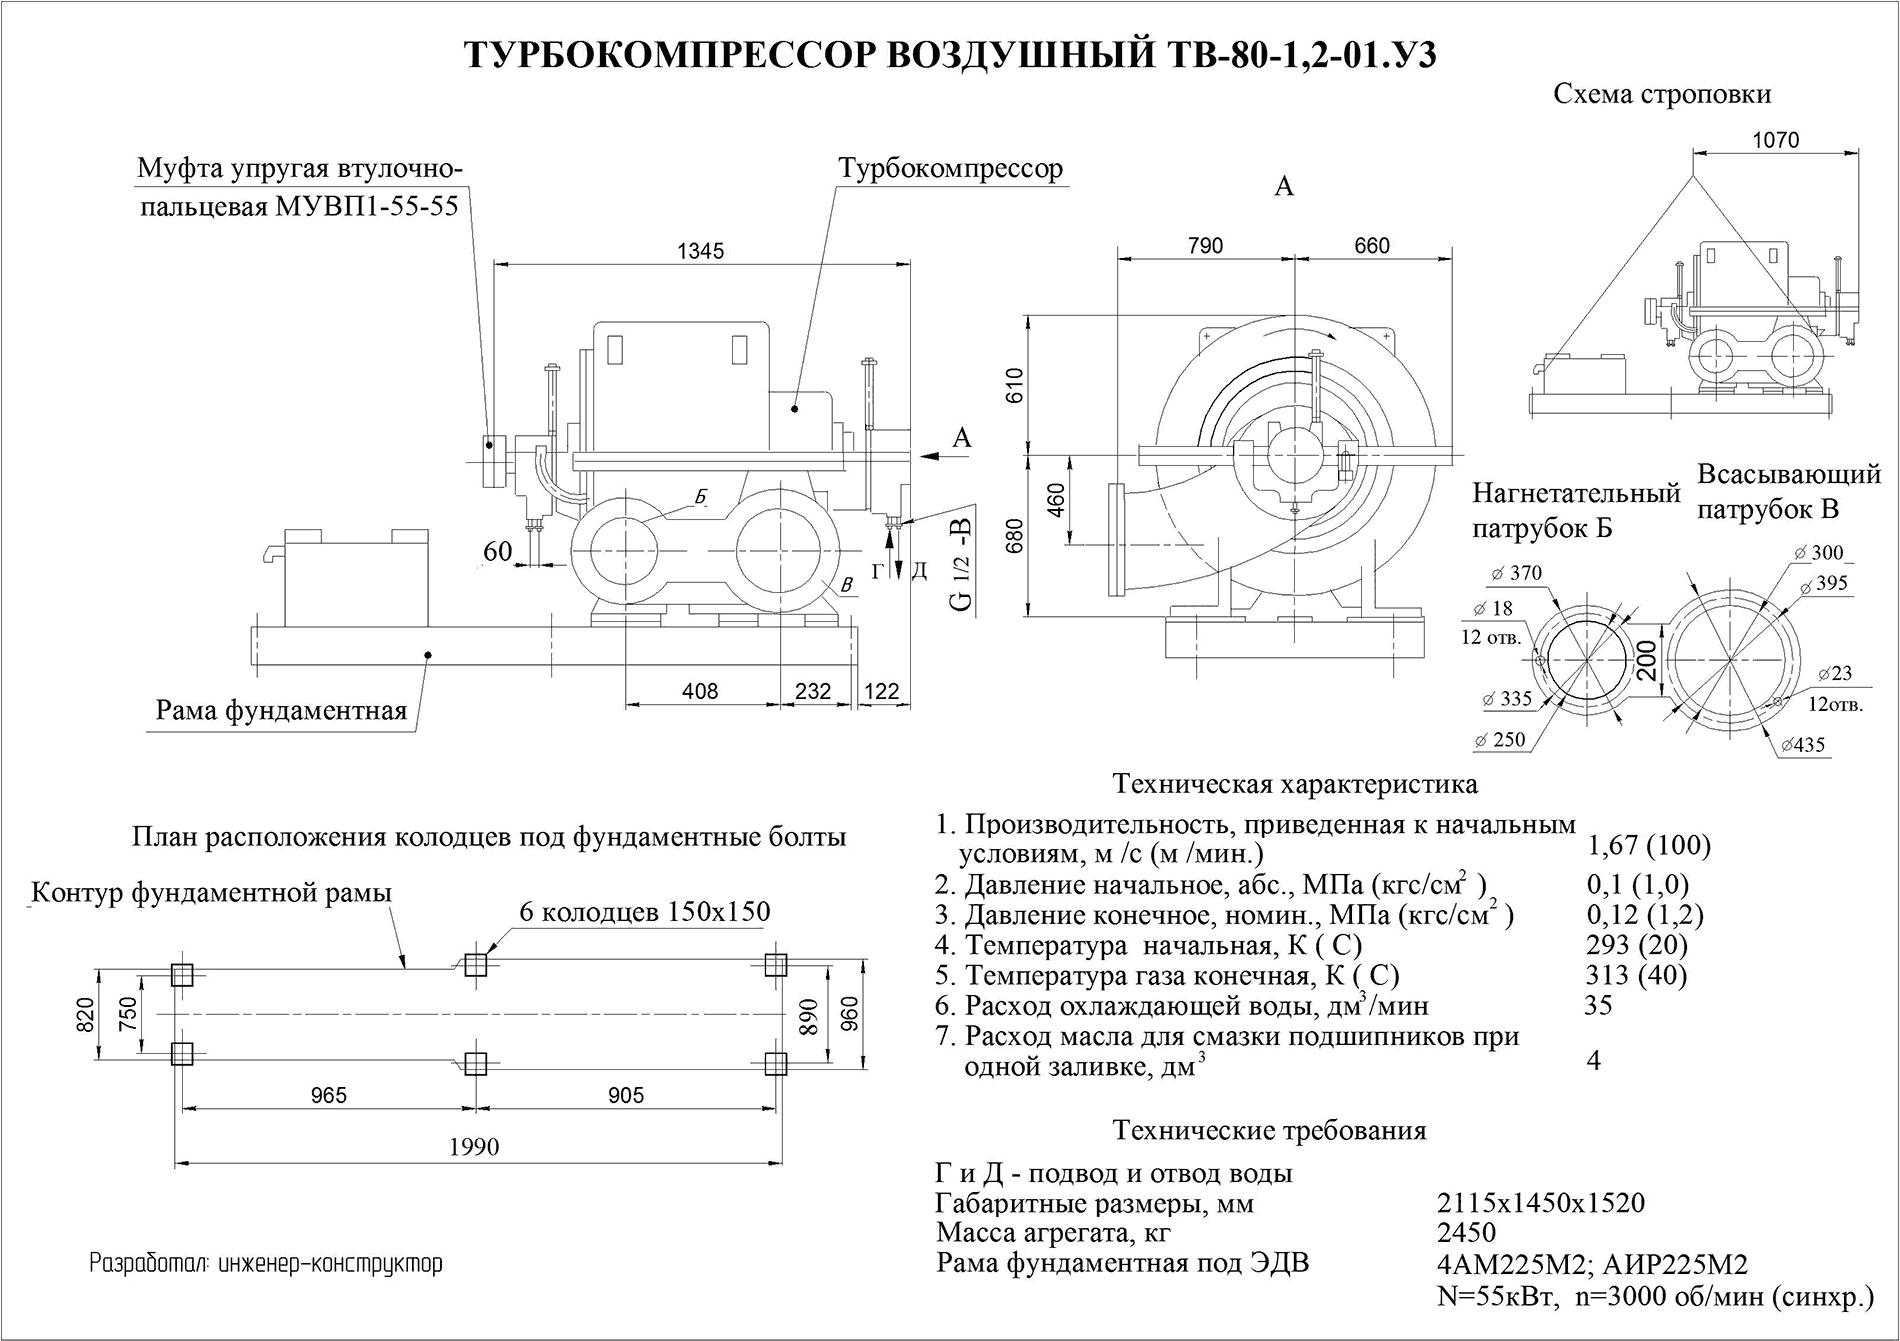 Техническое описание ТВ-80-1,2-01У3